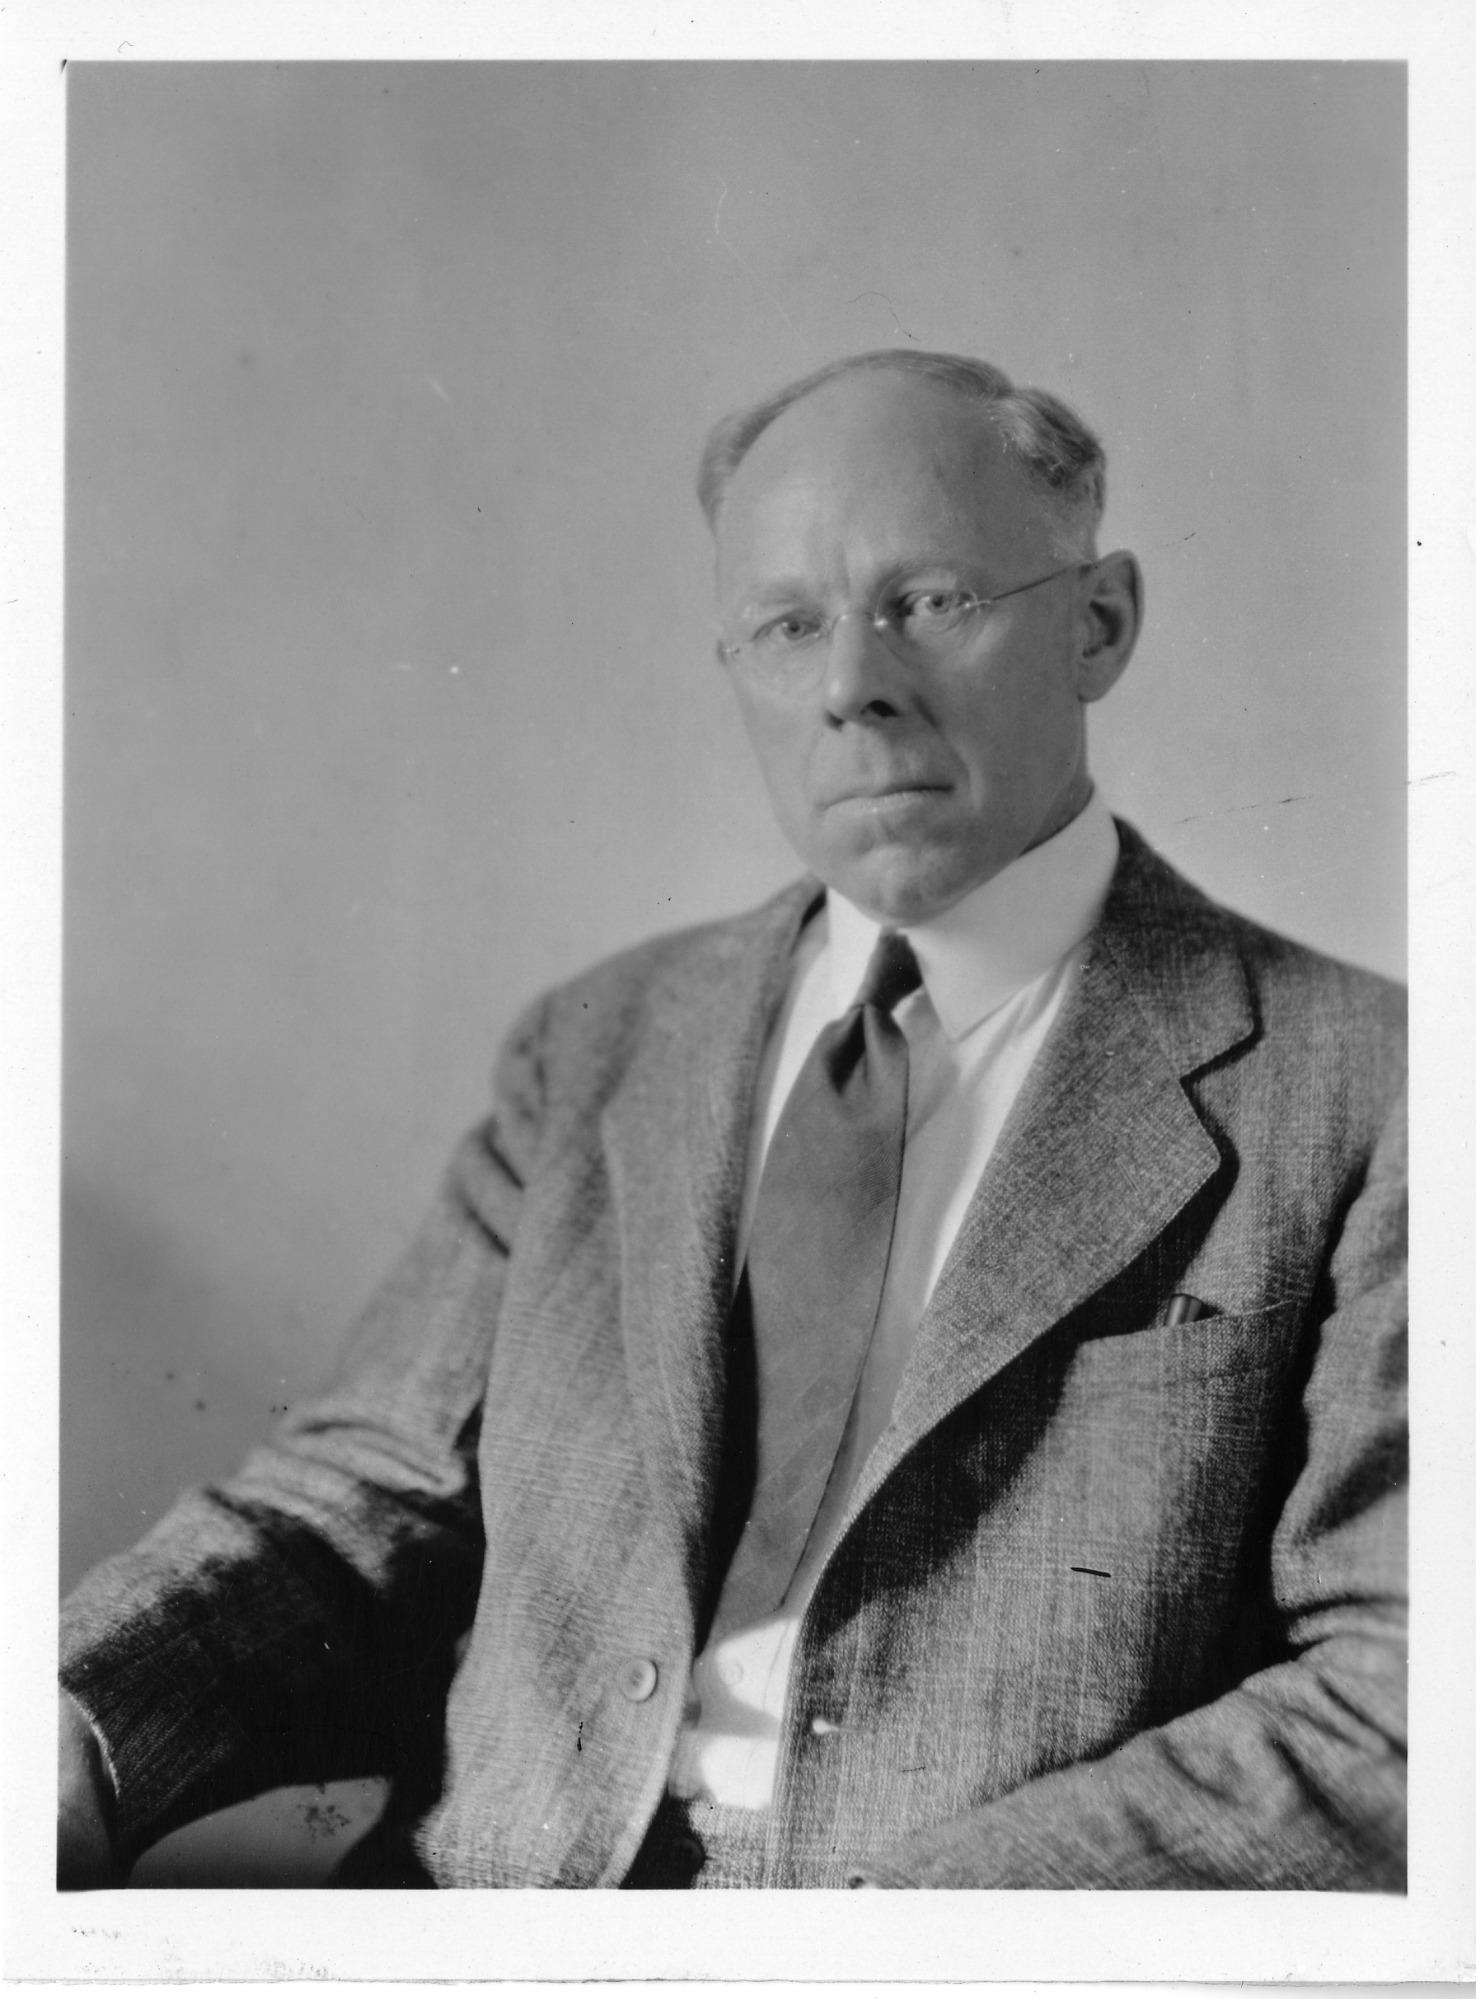 Frederick Edward Brasch (1875-1967)